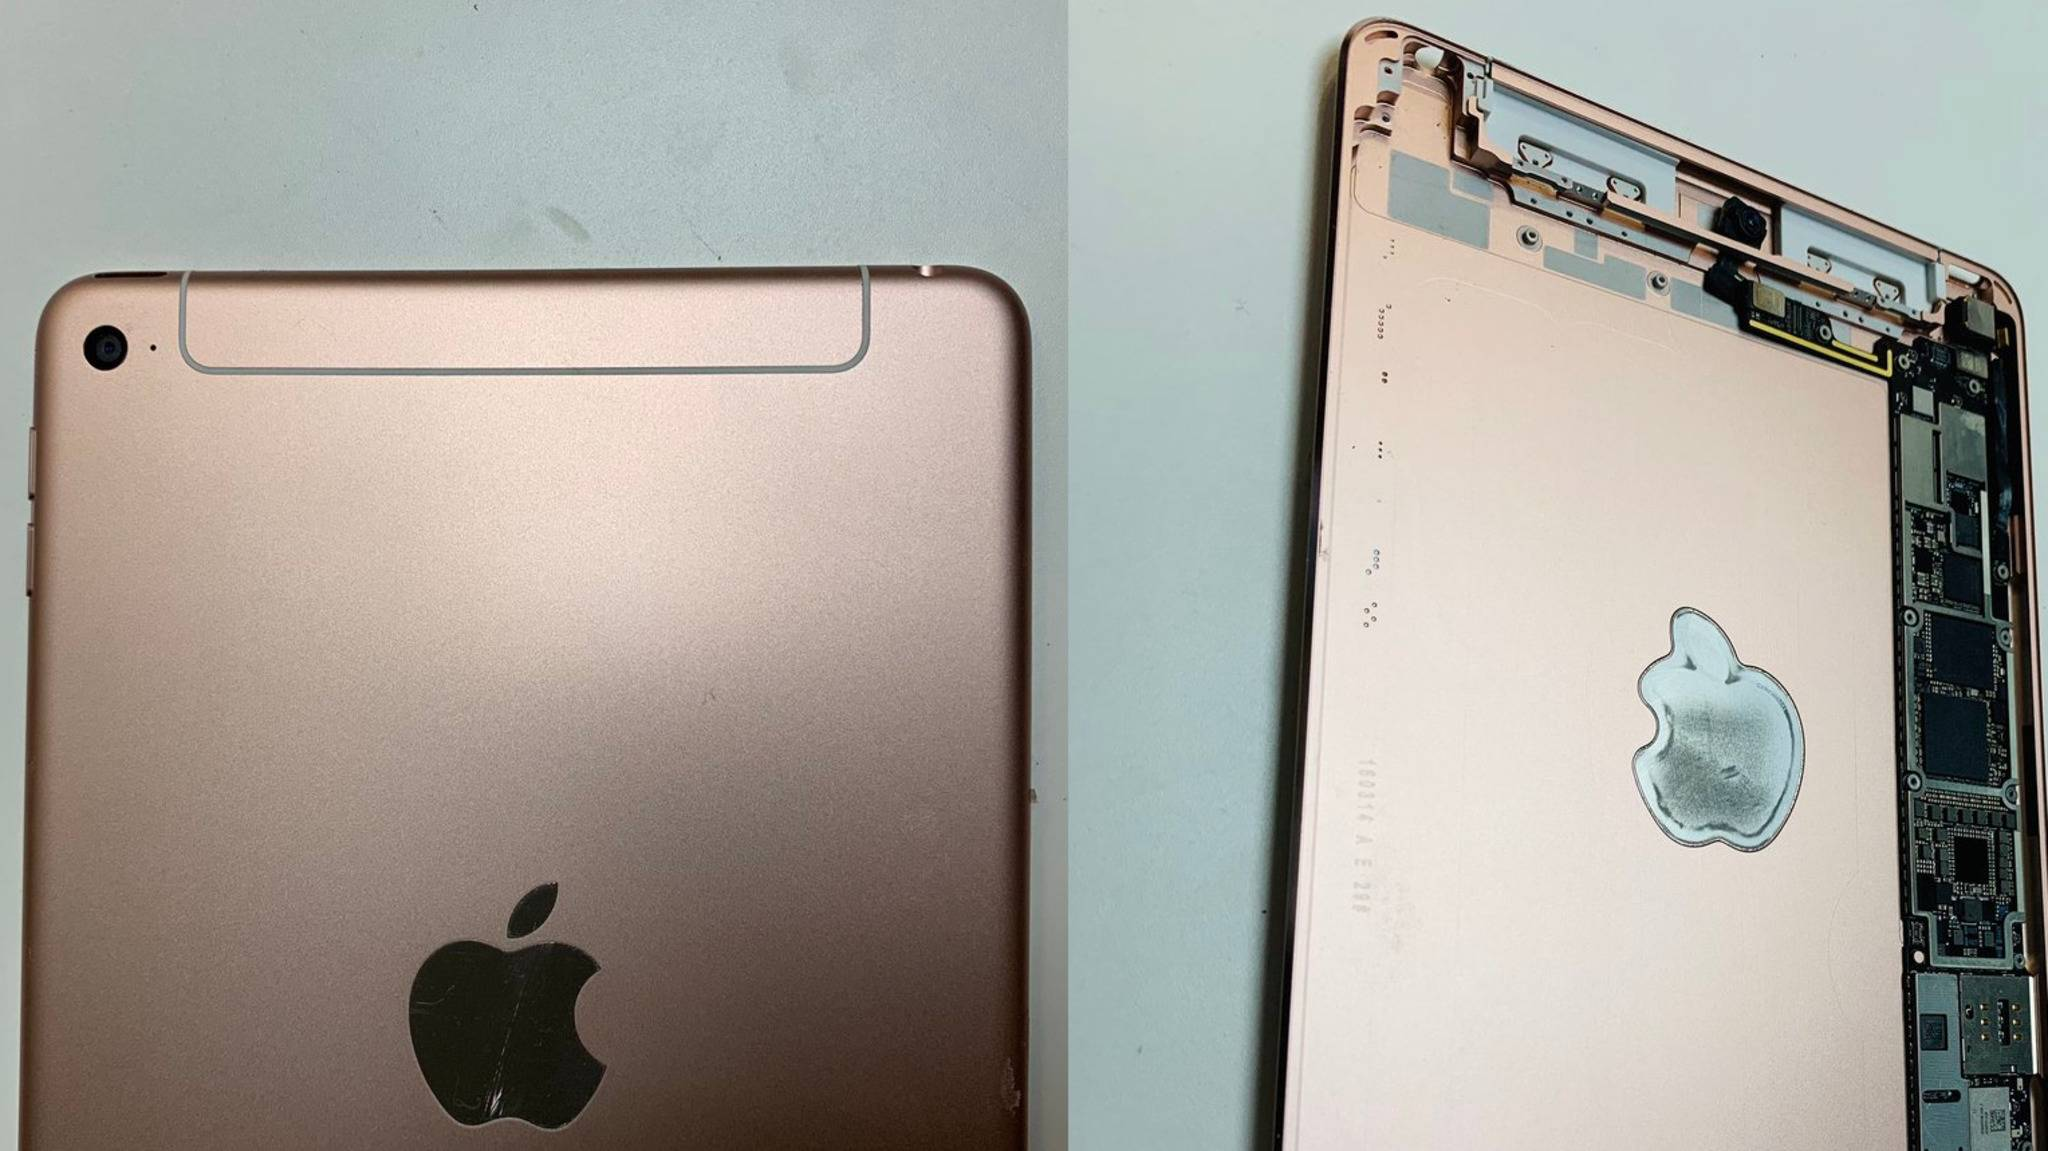 Auf diesen Bilder könnte das iPad mini 5 zu sehen sein.